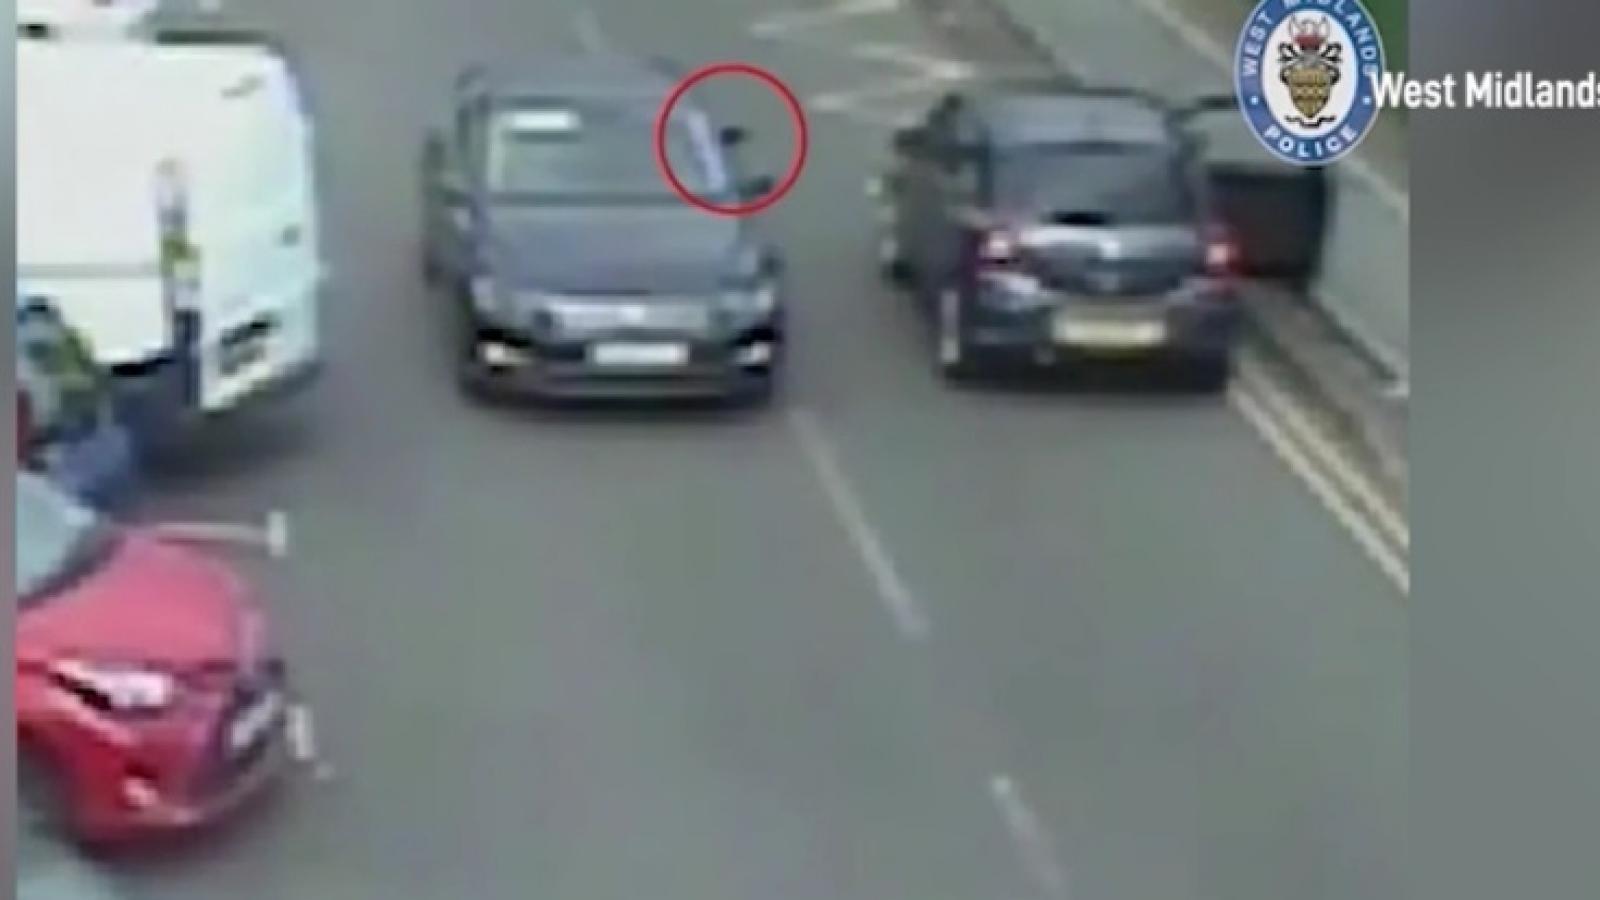 Kinh hoàng cảnh ám sát bằng súng ngay trên đường phố ở Anh